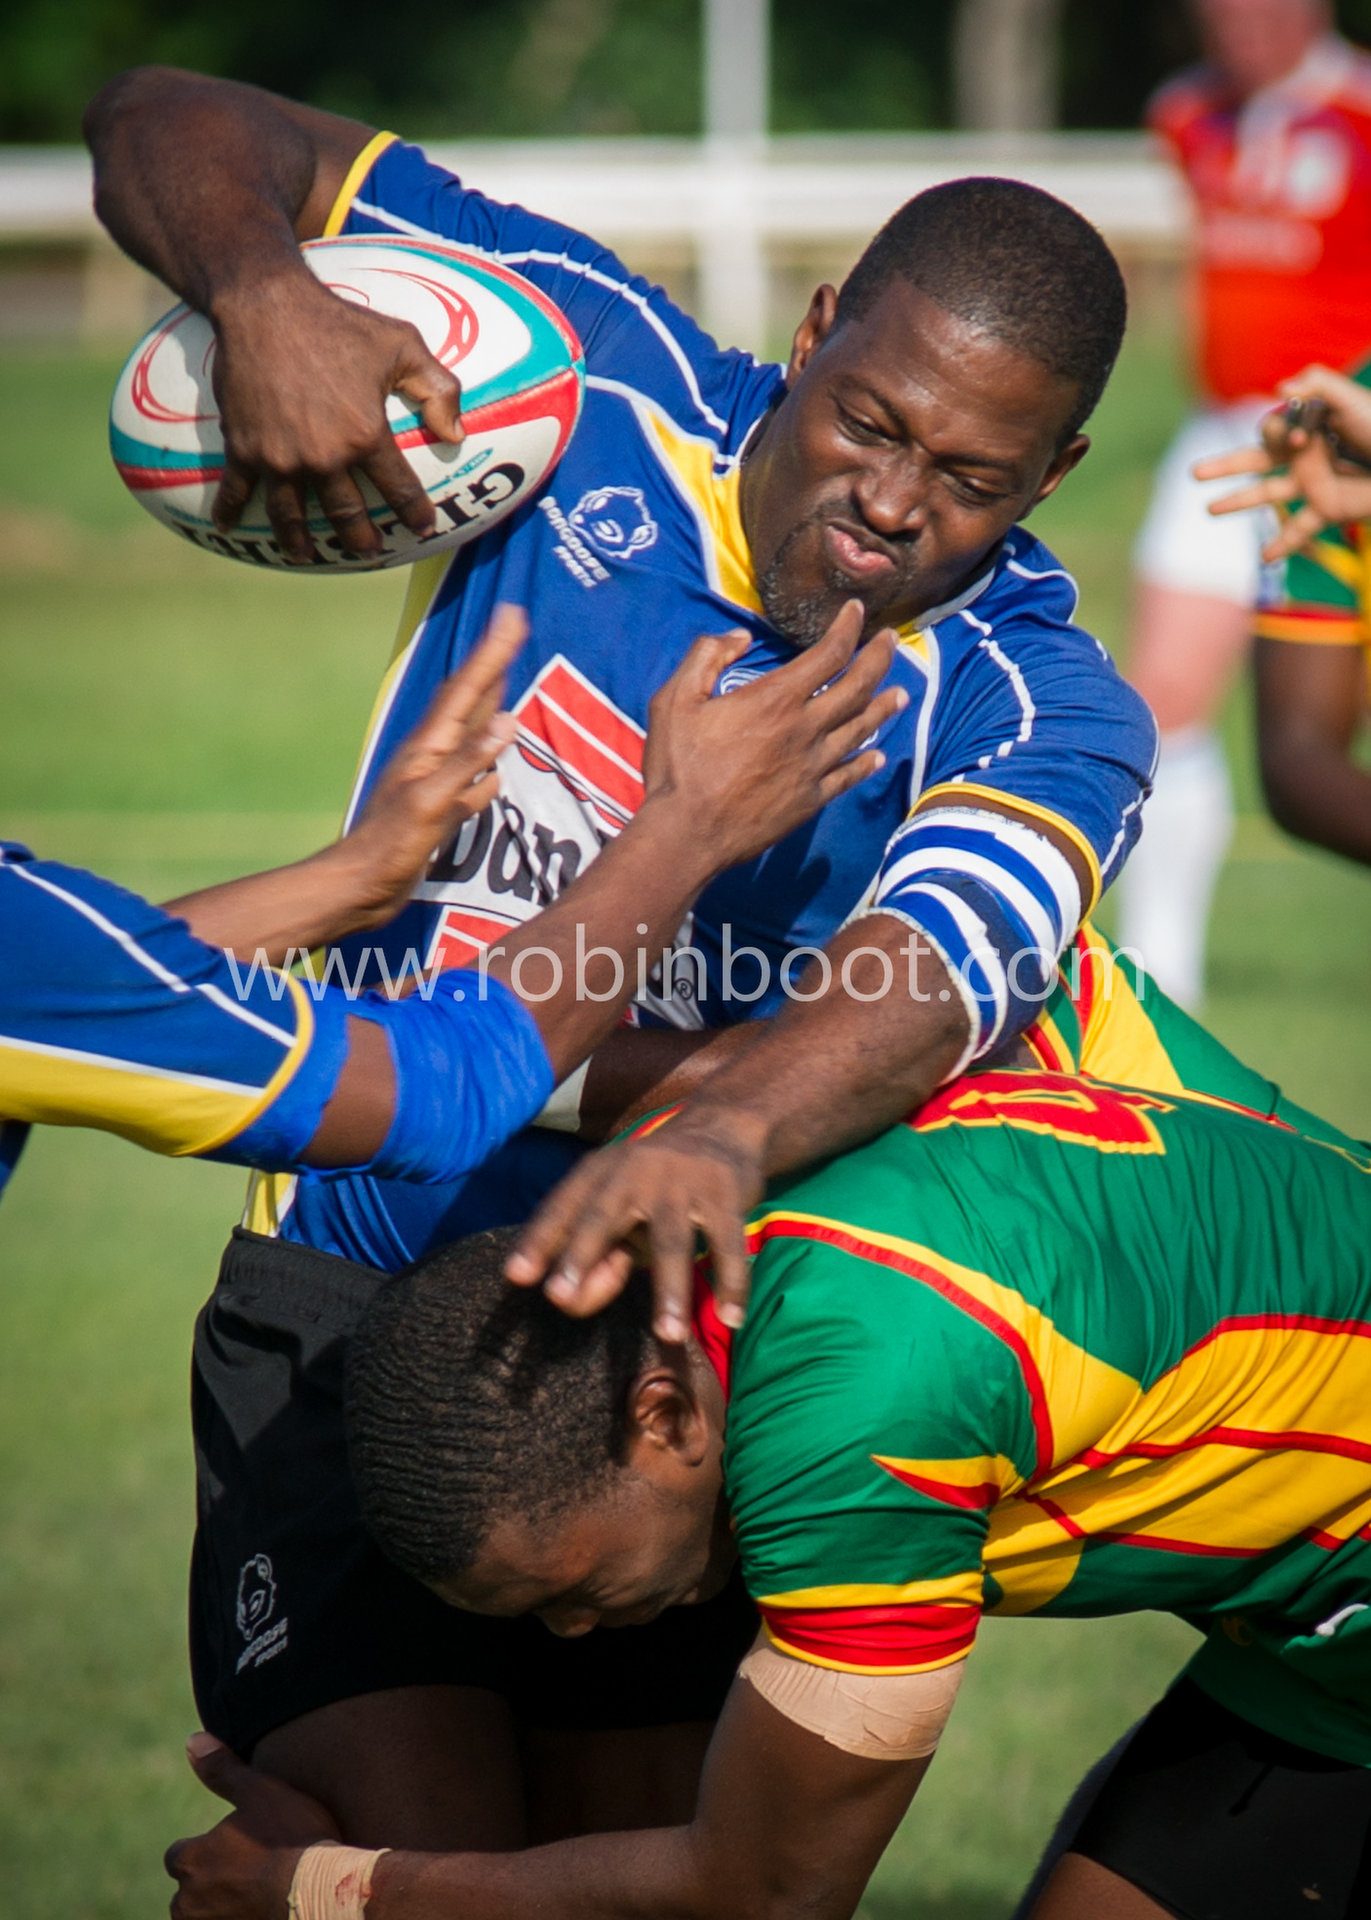 Barbados v Guyana Test Match